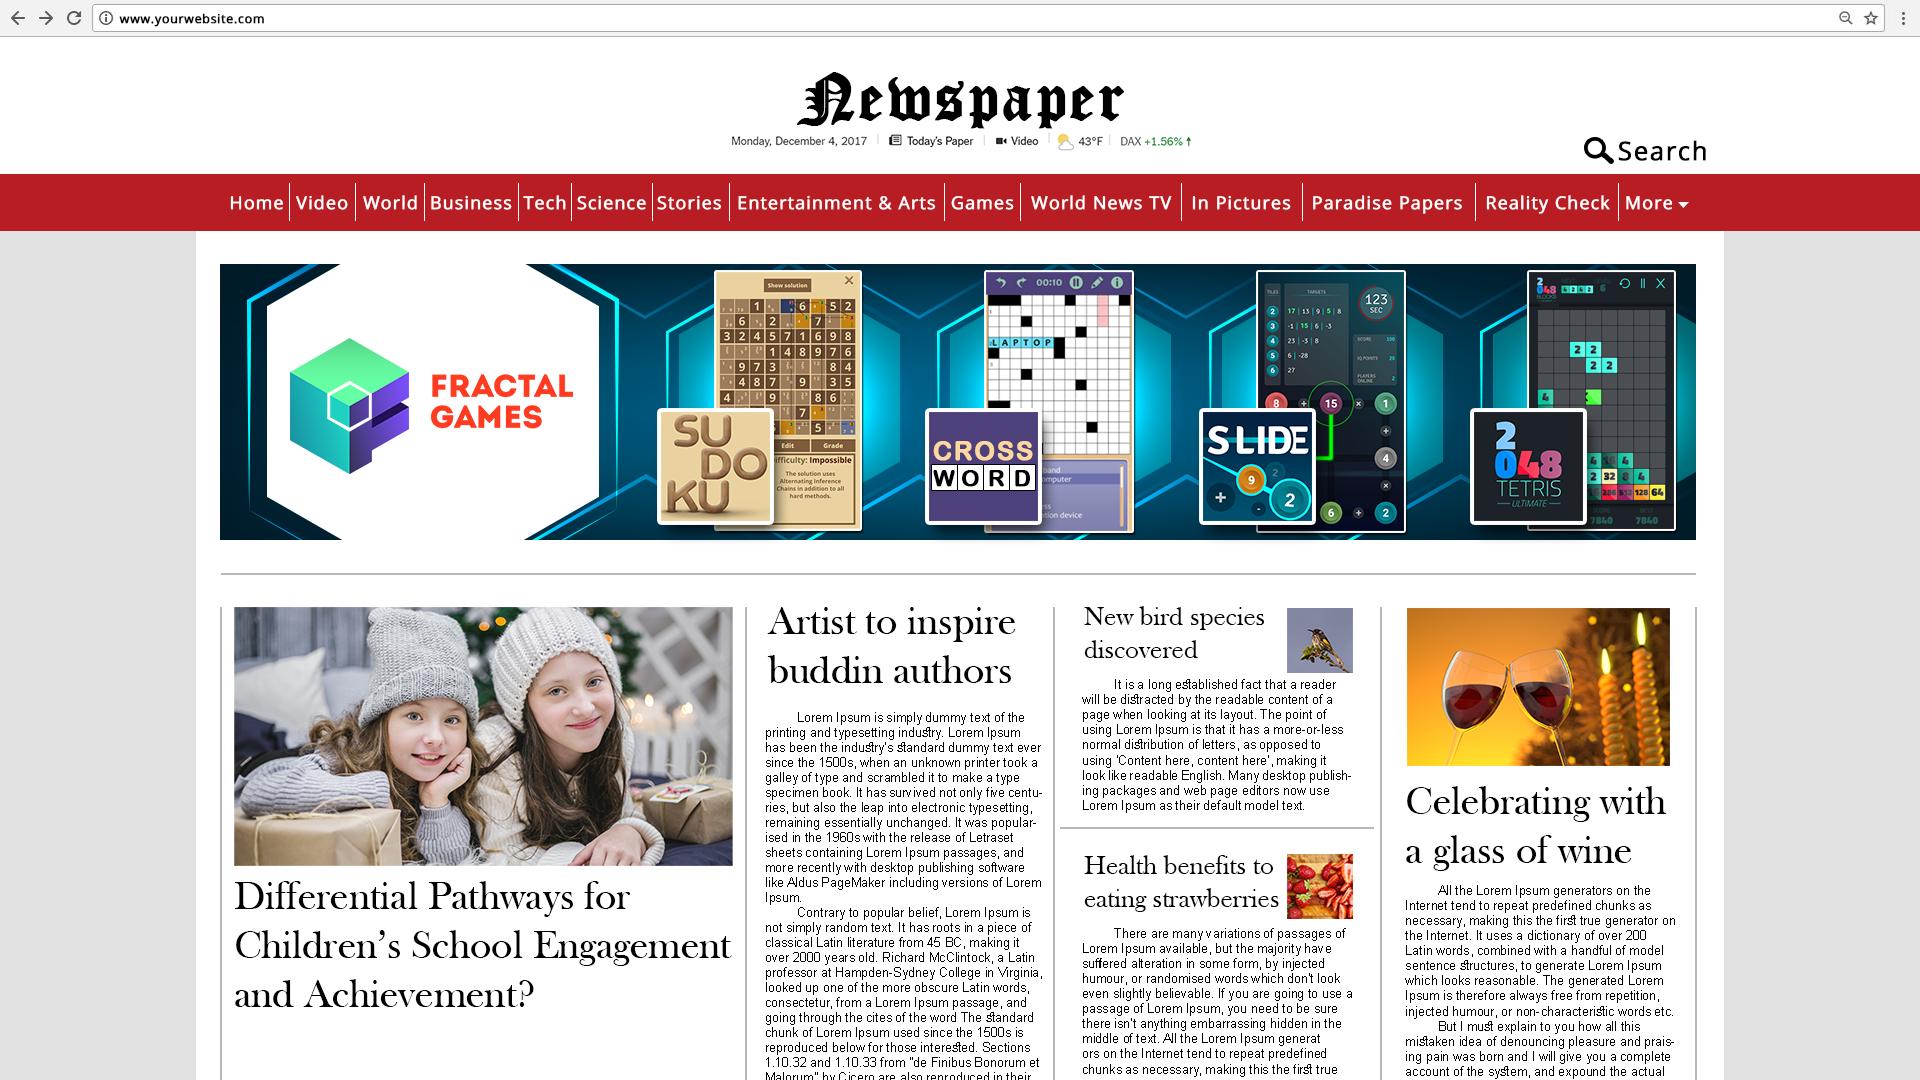 newspaper-working-stuff